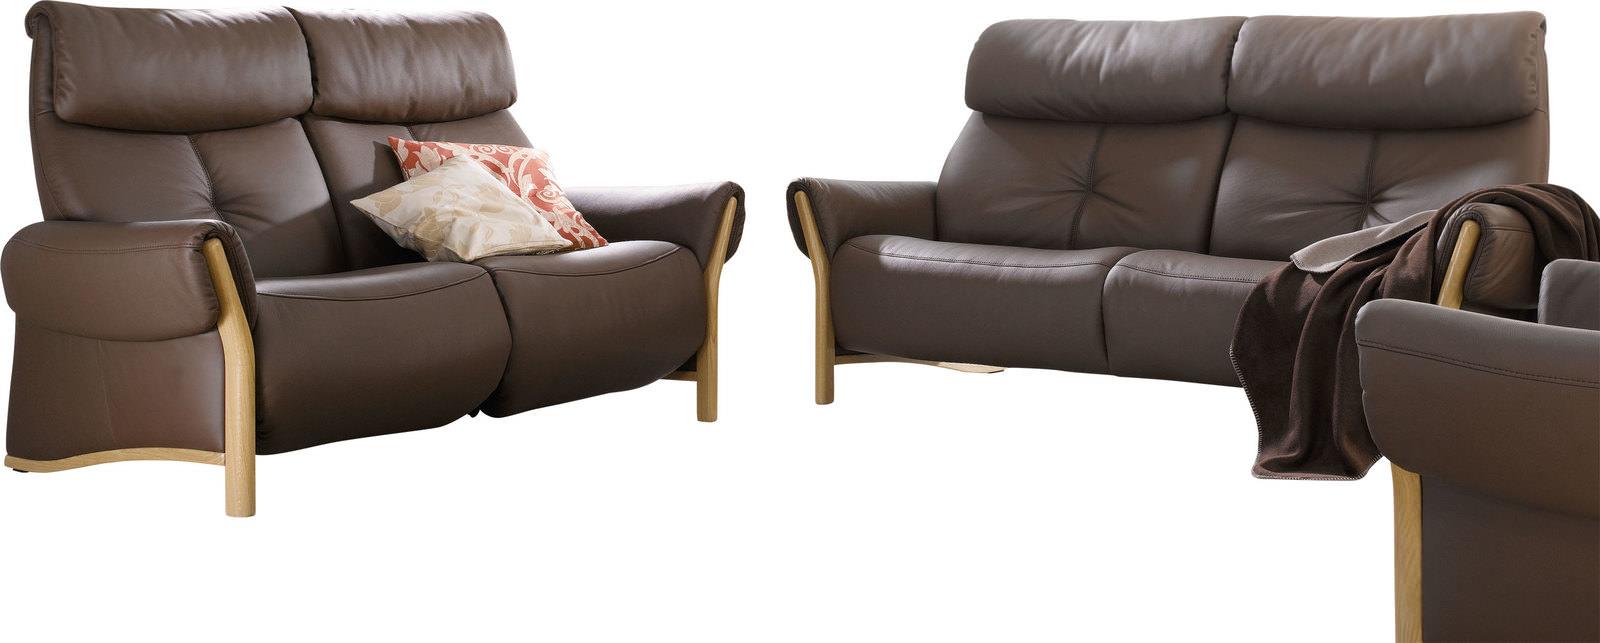 mondo polstergarnitur online entdecken knuffmann ihr m belhaus. Black Bedroom Furniture Sets. Home Design Ideas